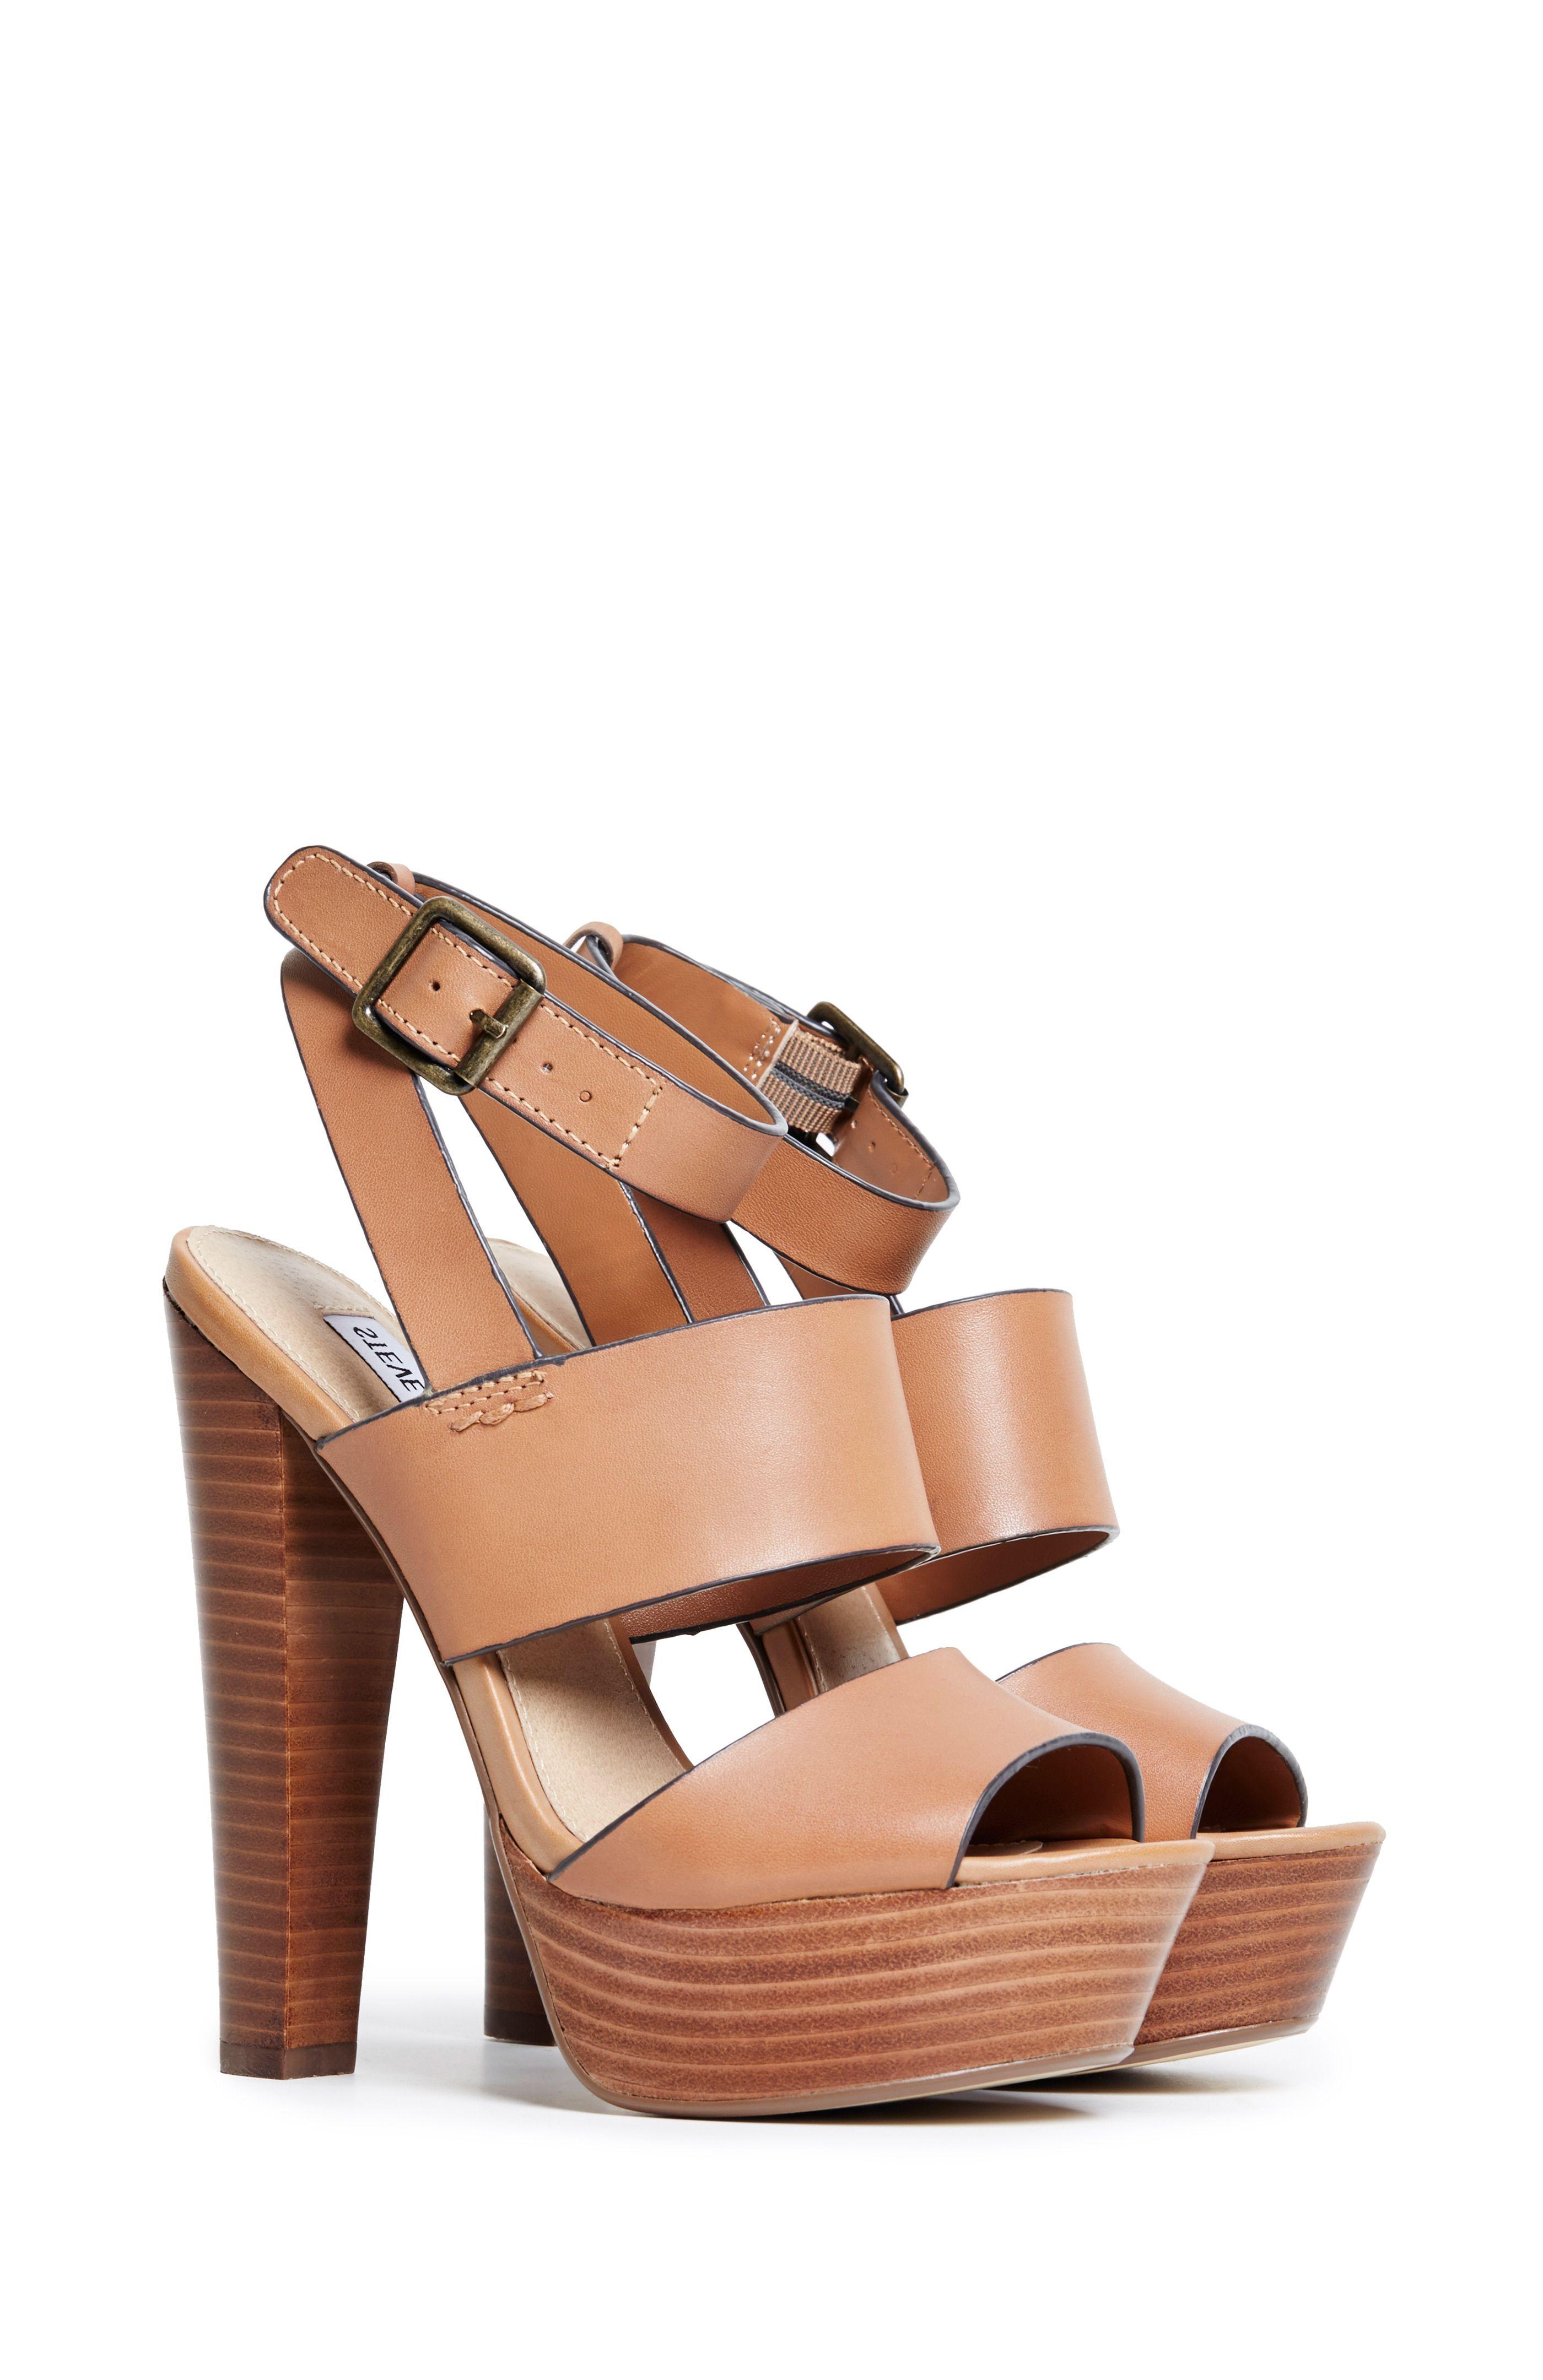 Steve Madden Dezzzy Platform Sandals in